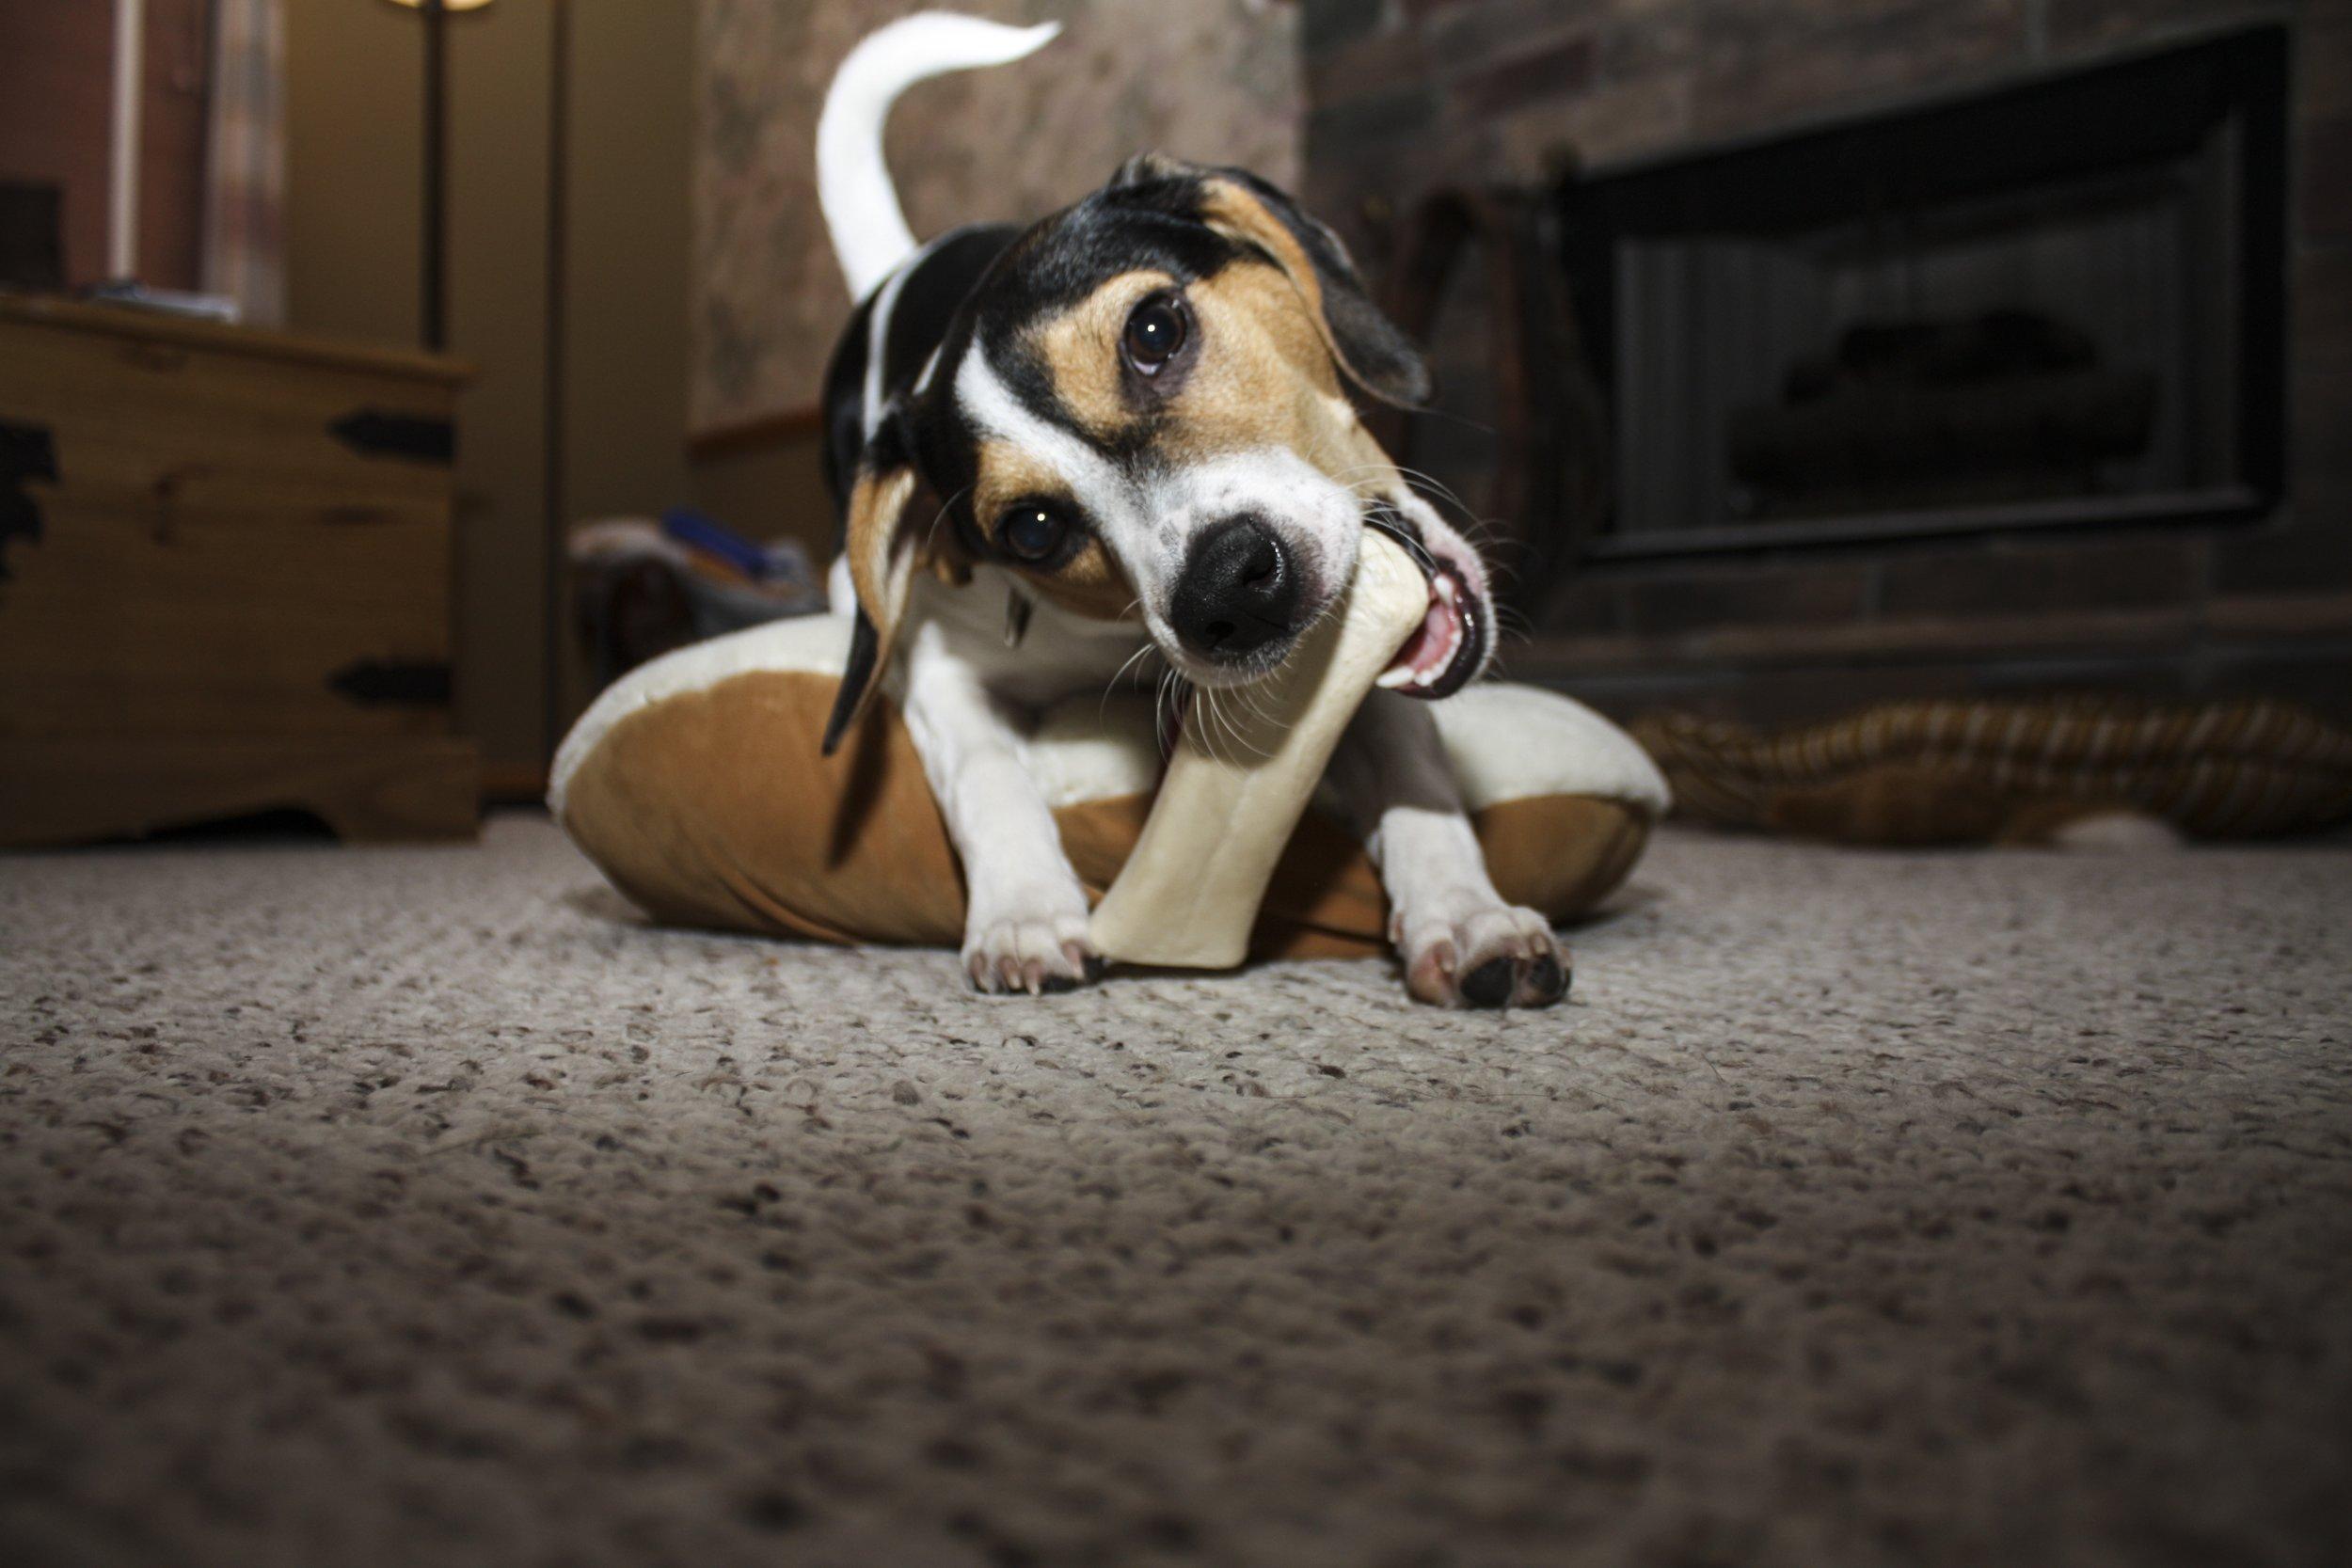 puppy_chewing.jpg